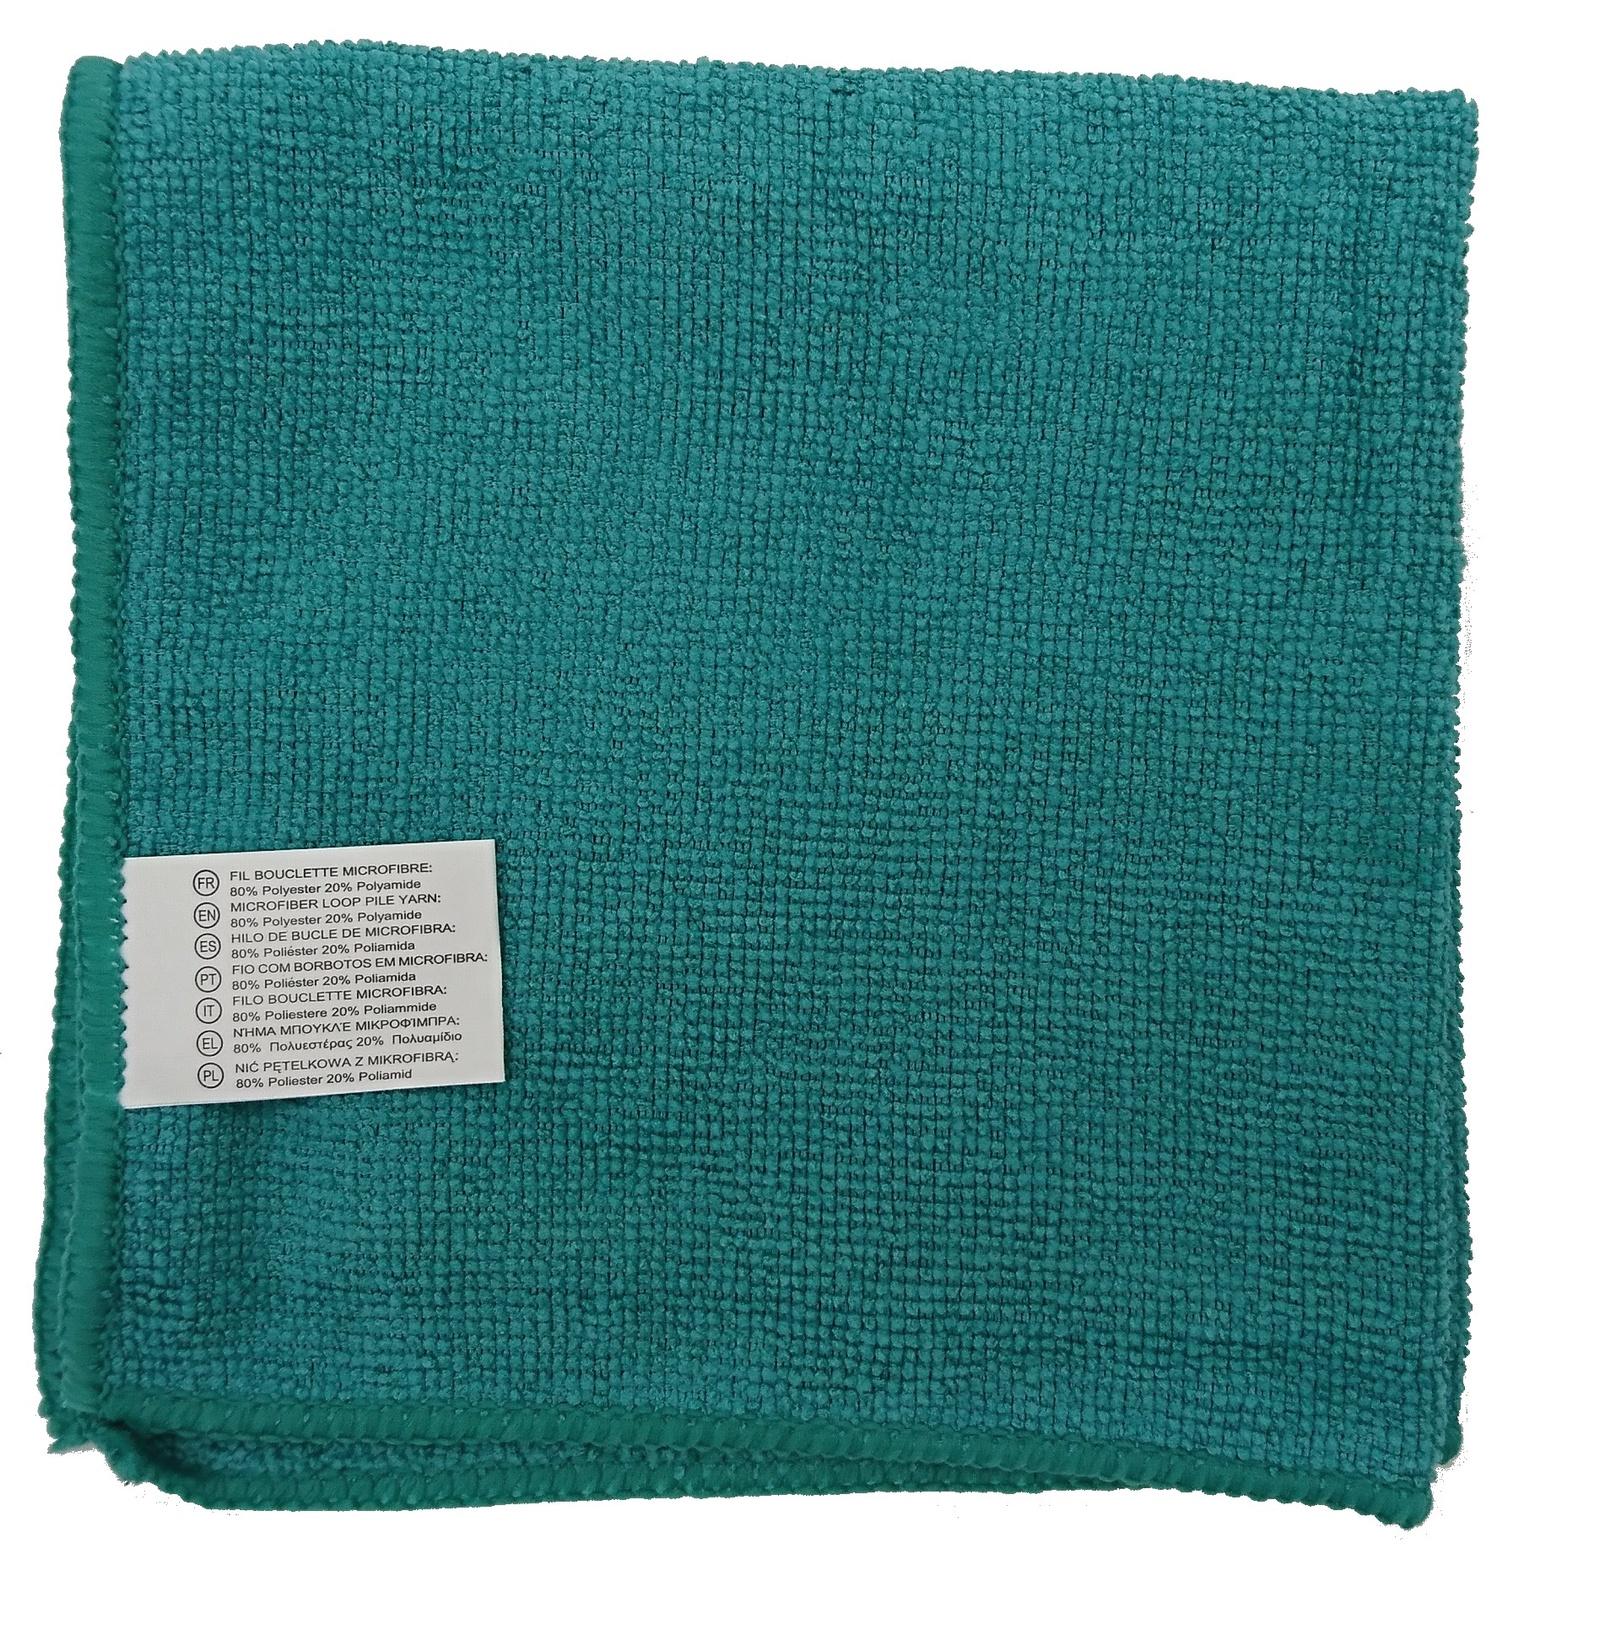 все цены на Салфетка универсальная микрофибра 35х35 см зеленая, зеленый онлайн